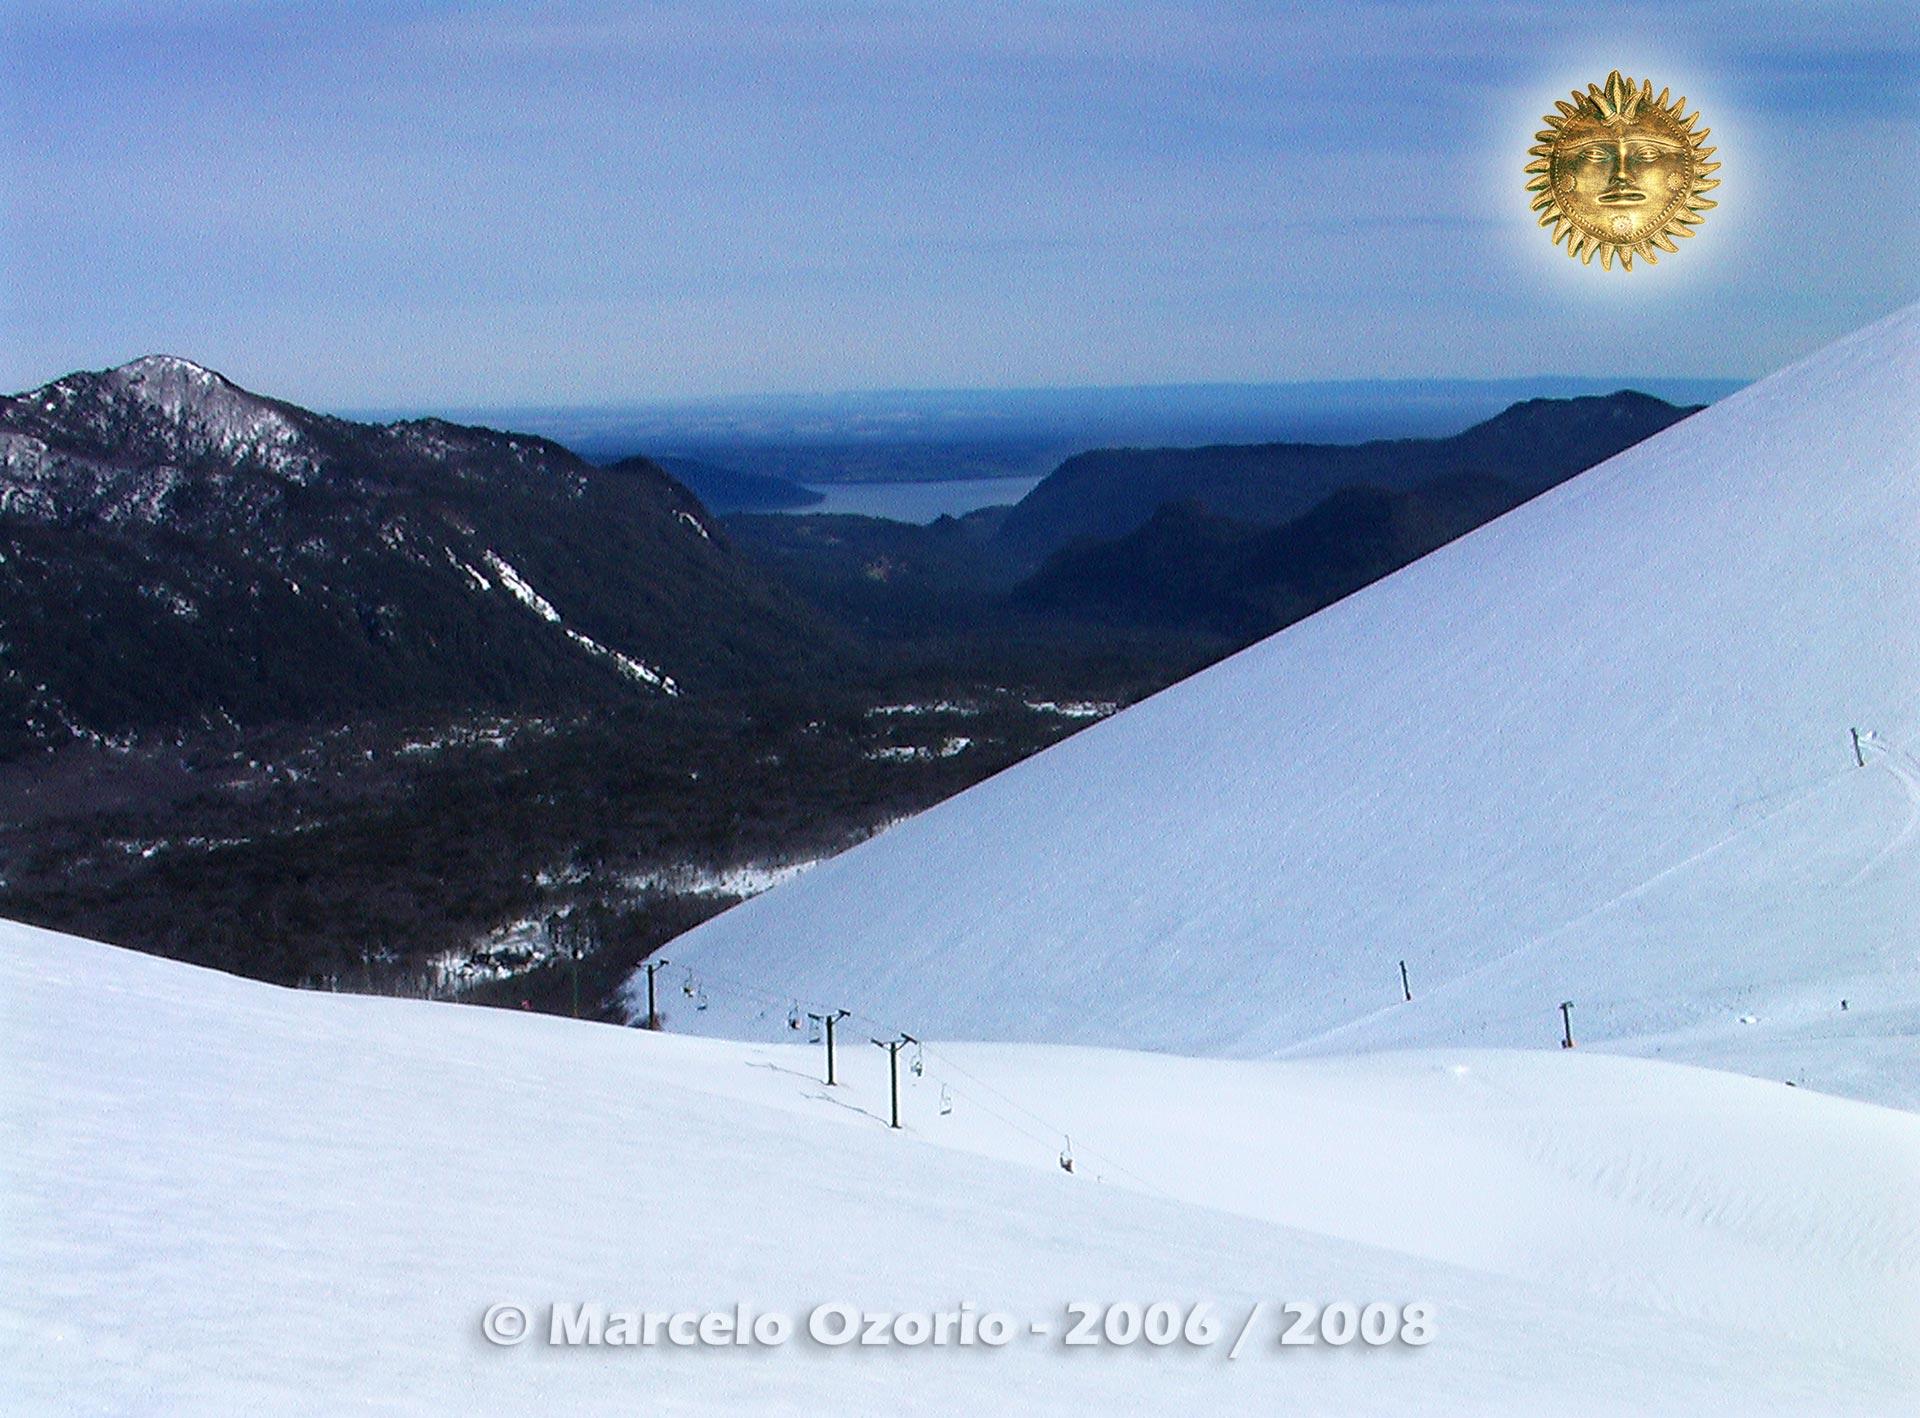 Antillanca Ski Resort and Lake Puyehue